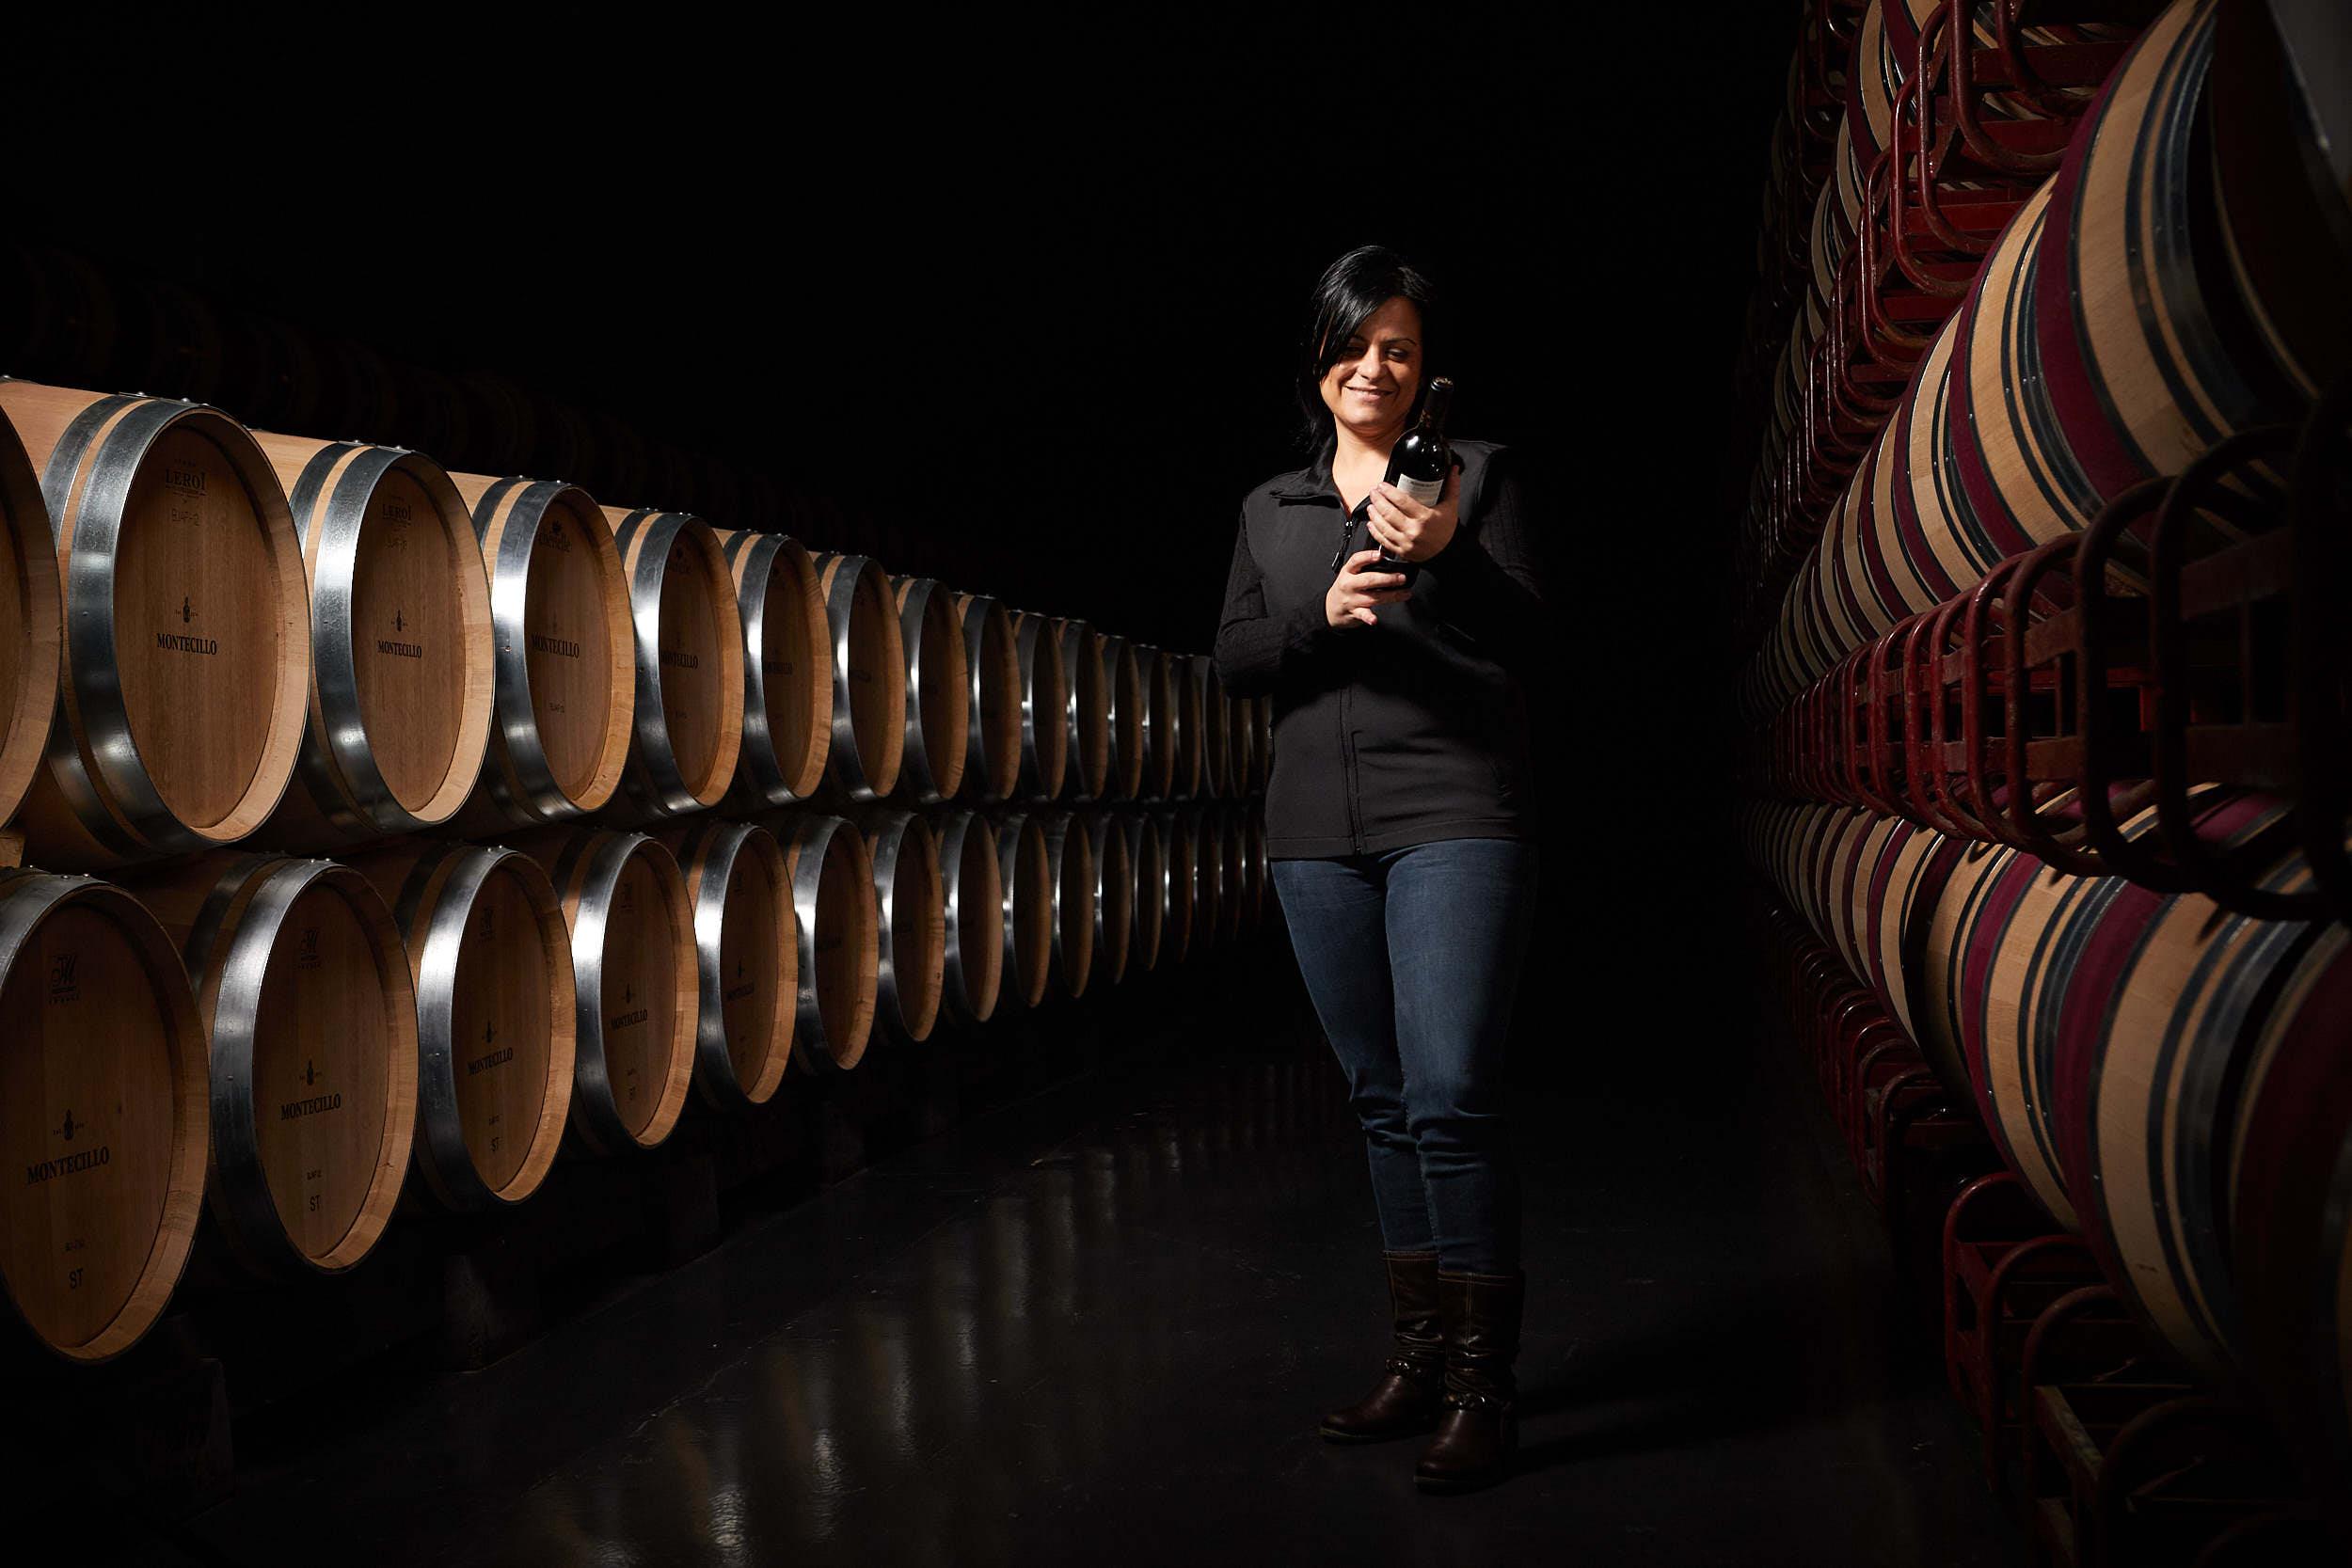 Fotografía comercial La Rioja y Pais Vasco Espana - James Sturcke | sturcke.org_049.jpg